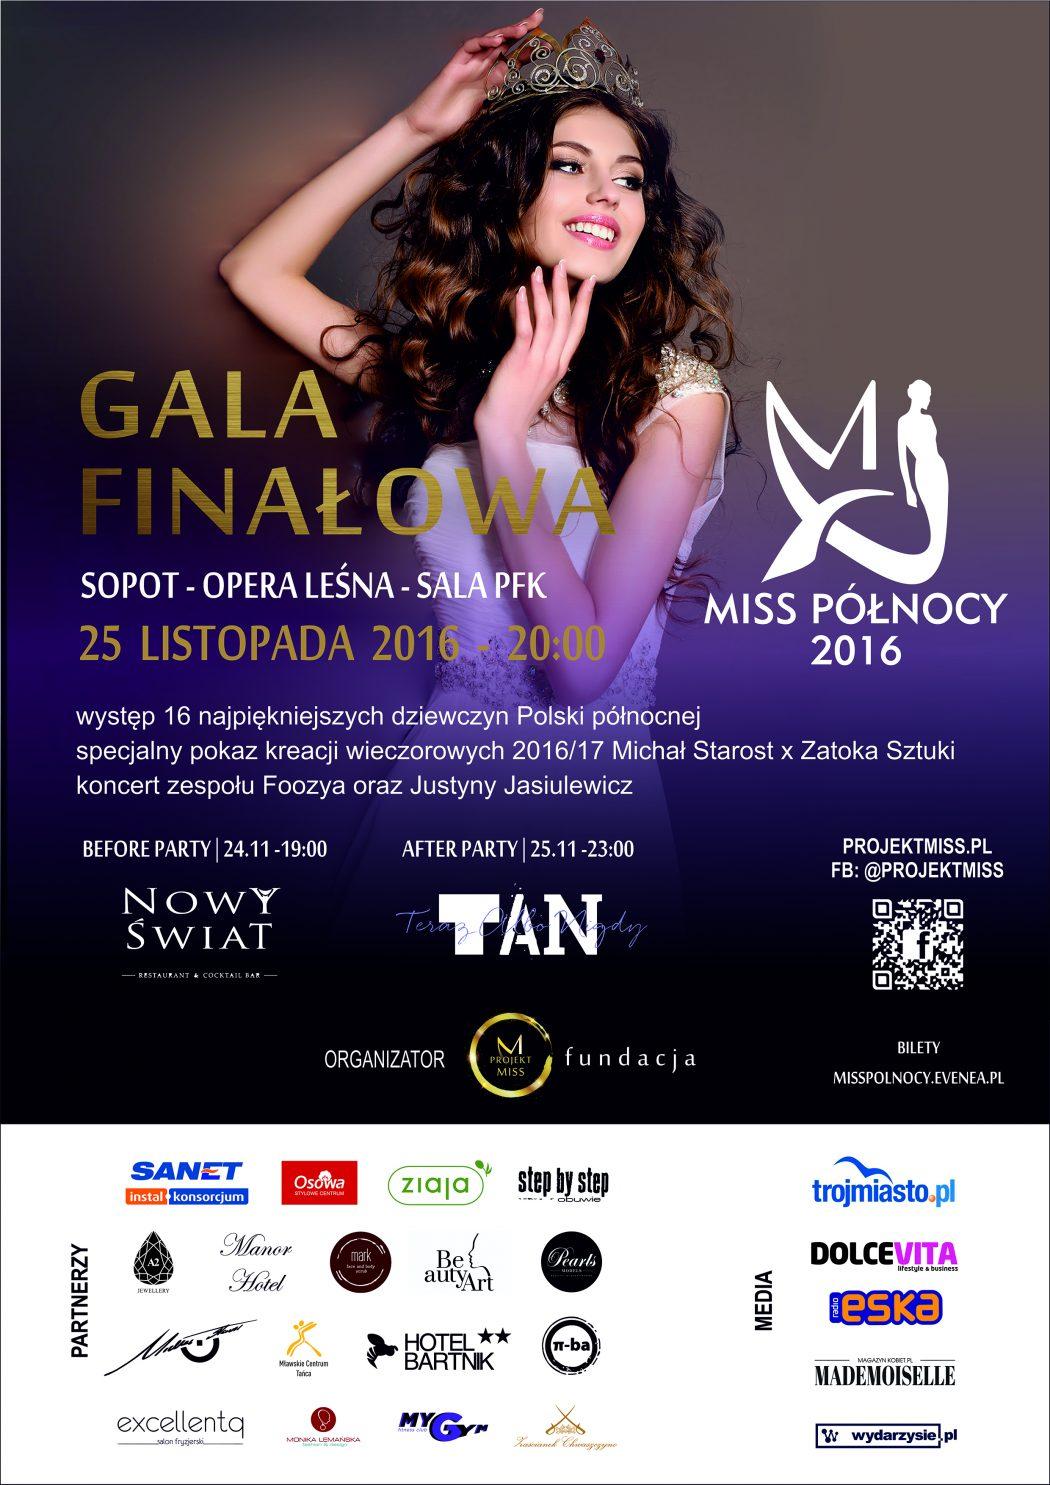 magazynkobiet.pl - plakat gala a4 1050x1485 - Wybory Miss Północy